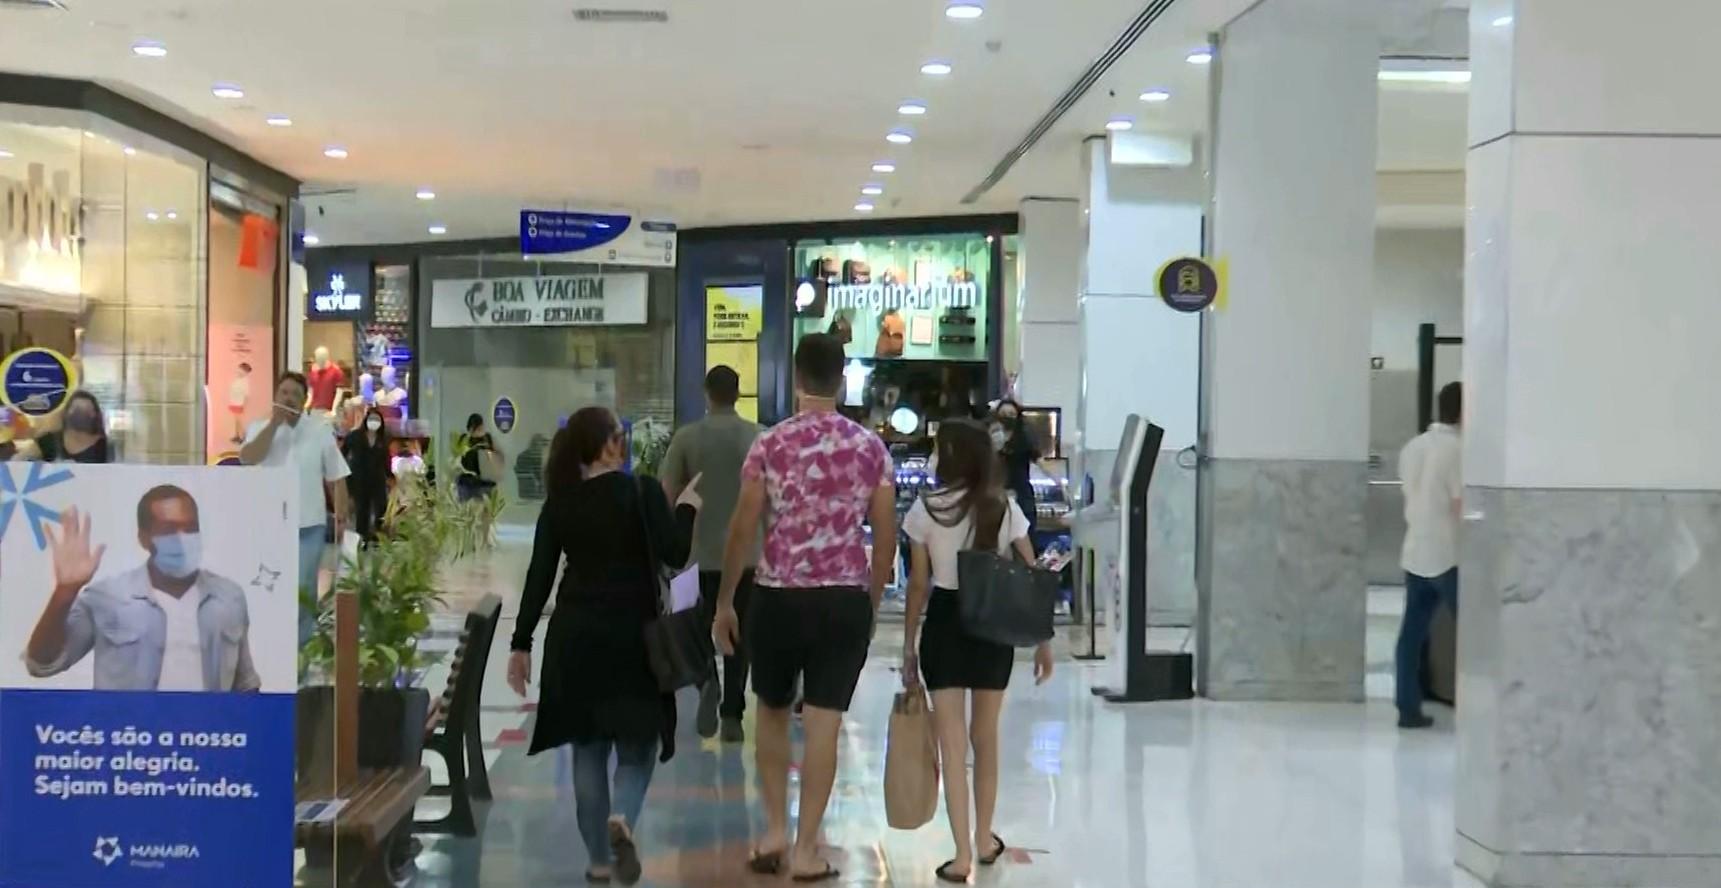 Shoppings reabrem em João Pessoa após restrição devido ao coronavírus